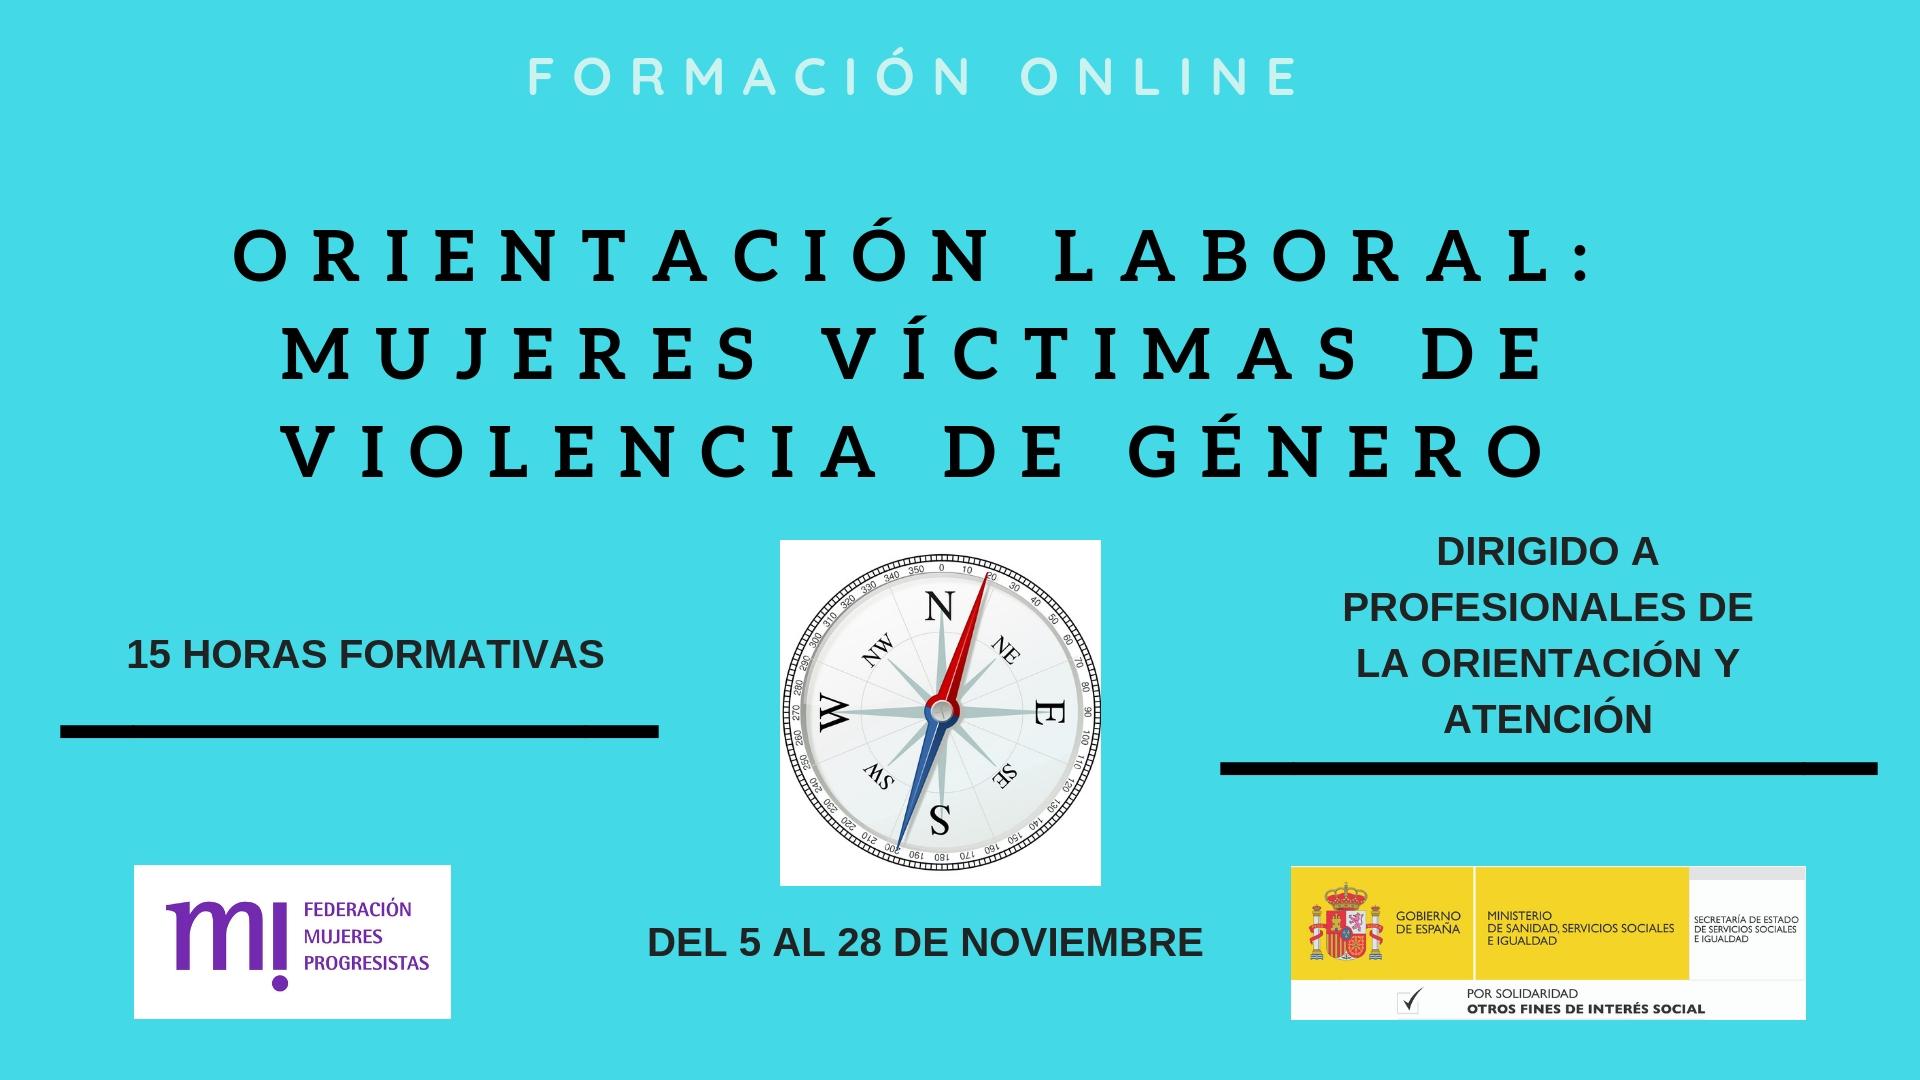 Course Image Orientación laboral a mujeres víctimas de violencia de género.